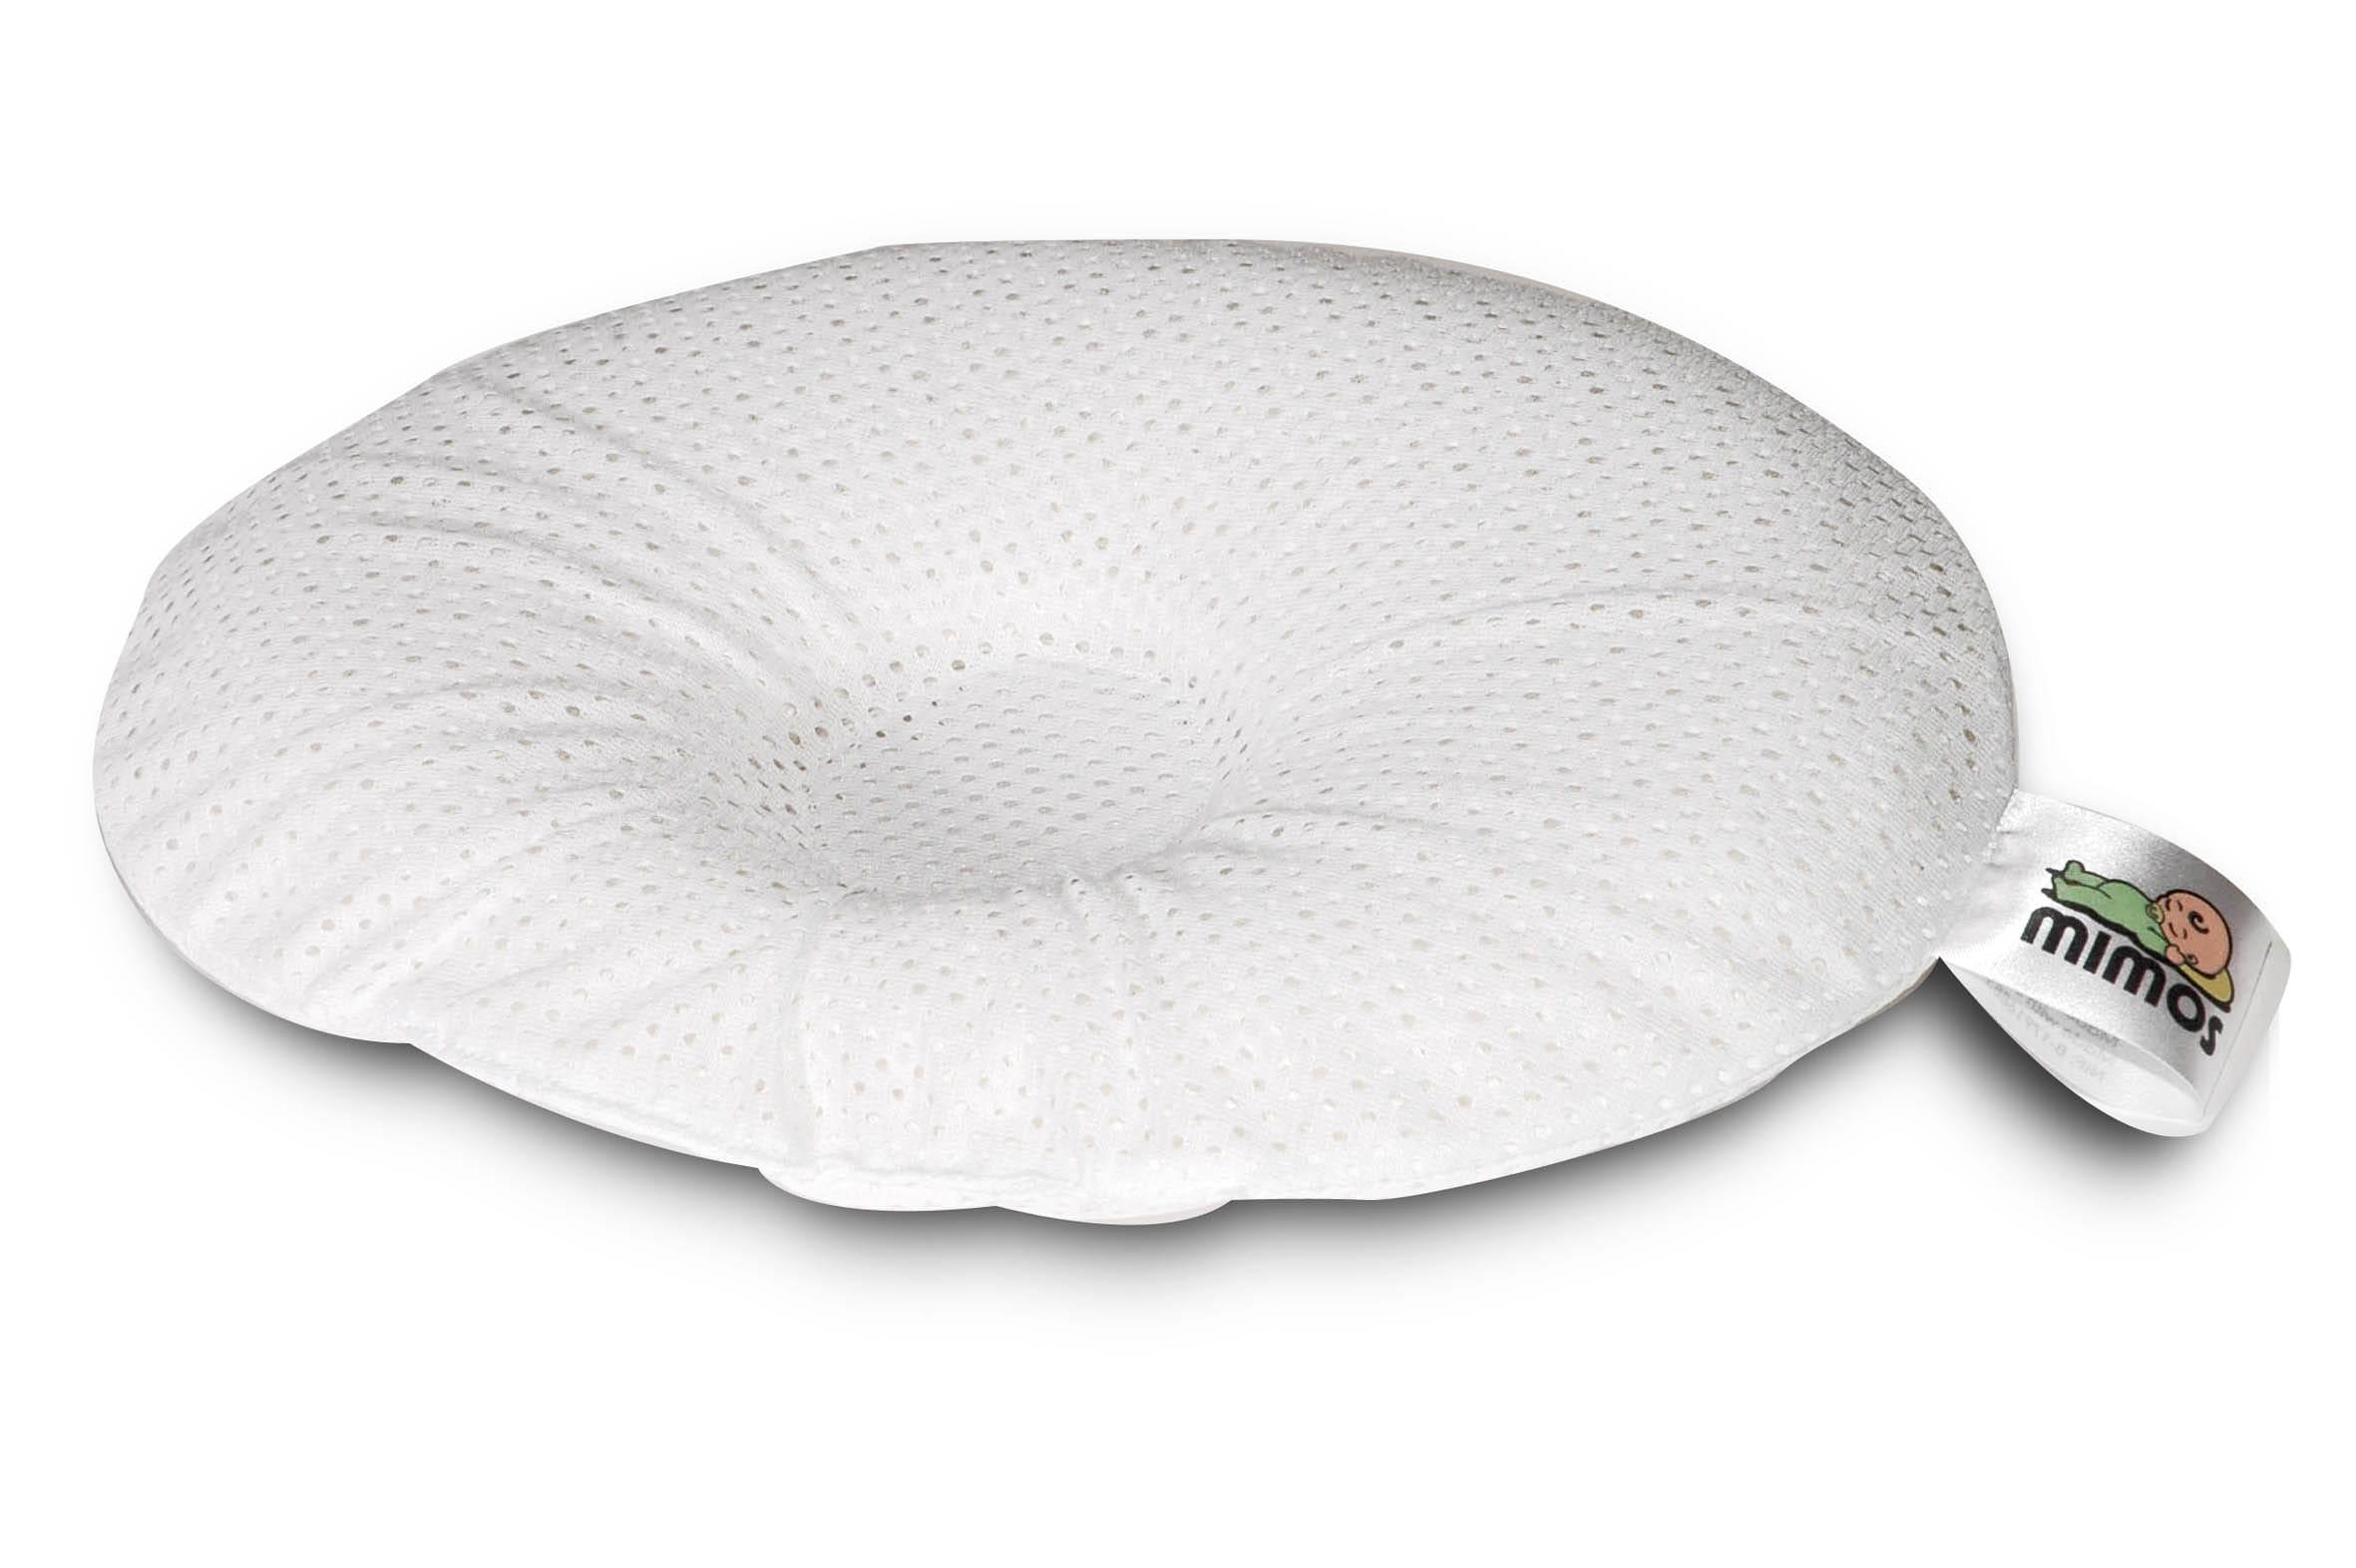 - Seguridad de flujo de aire 1-10 plagiocefalia Mimos Bebé Almohada S fue XL para la cabeza plana